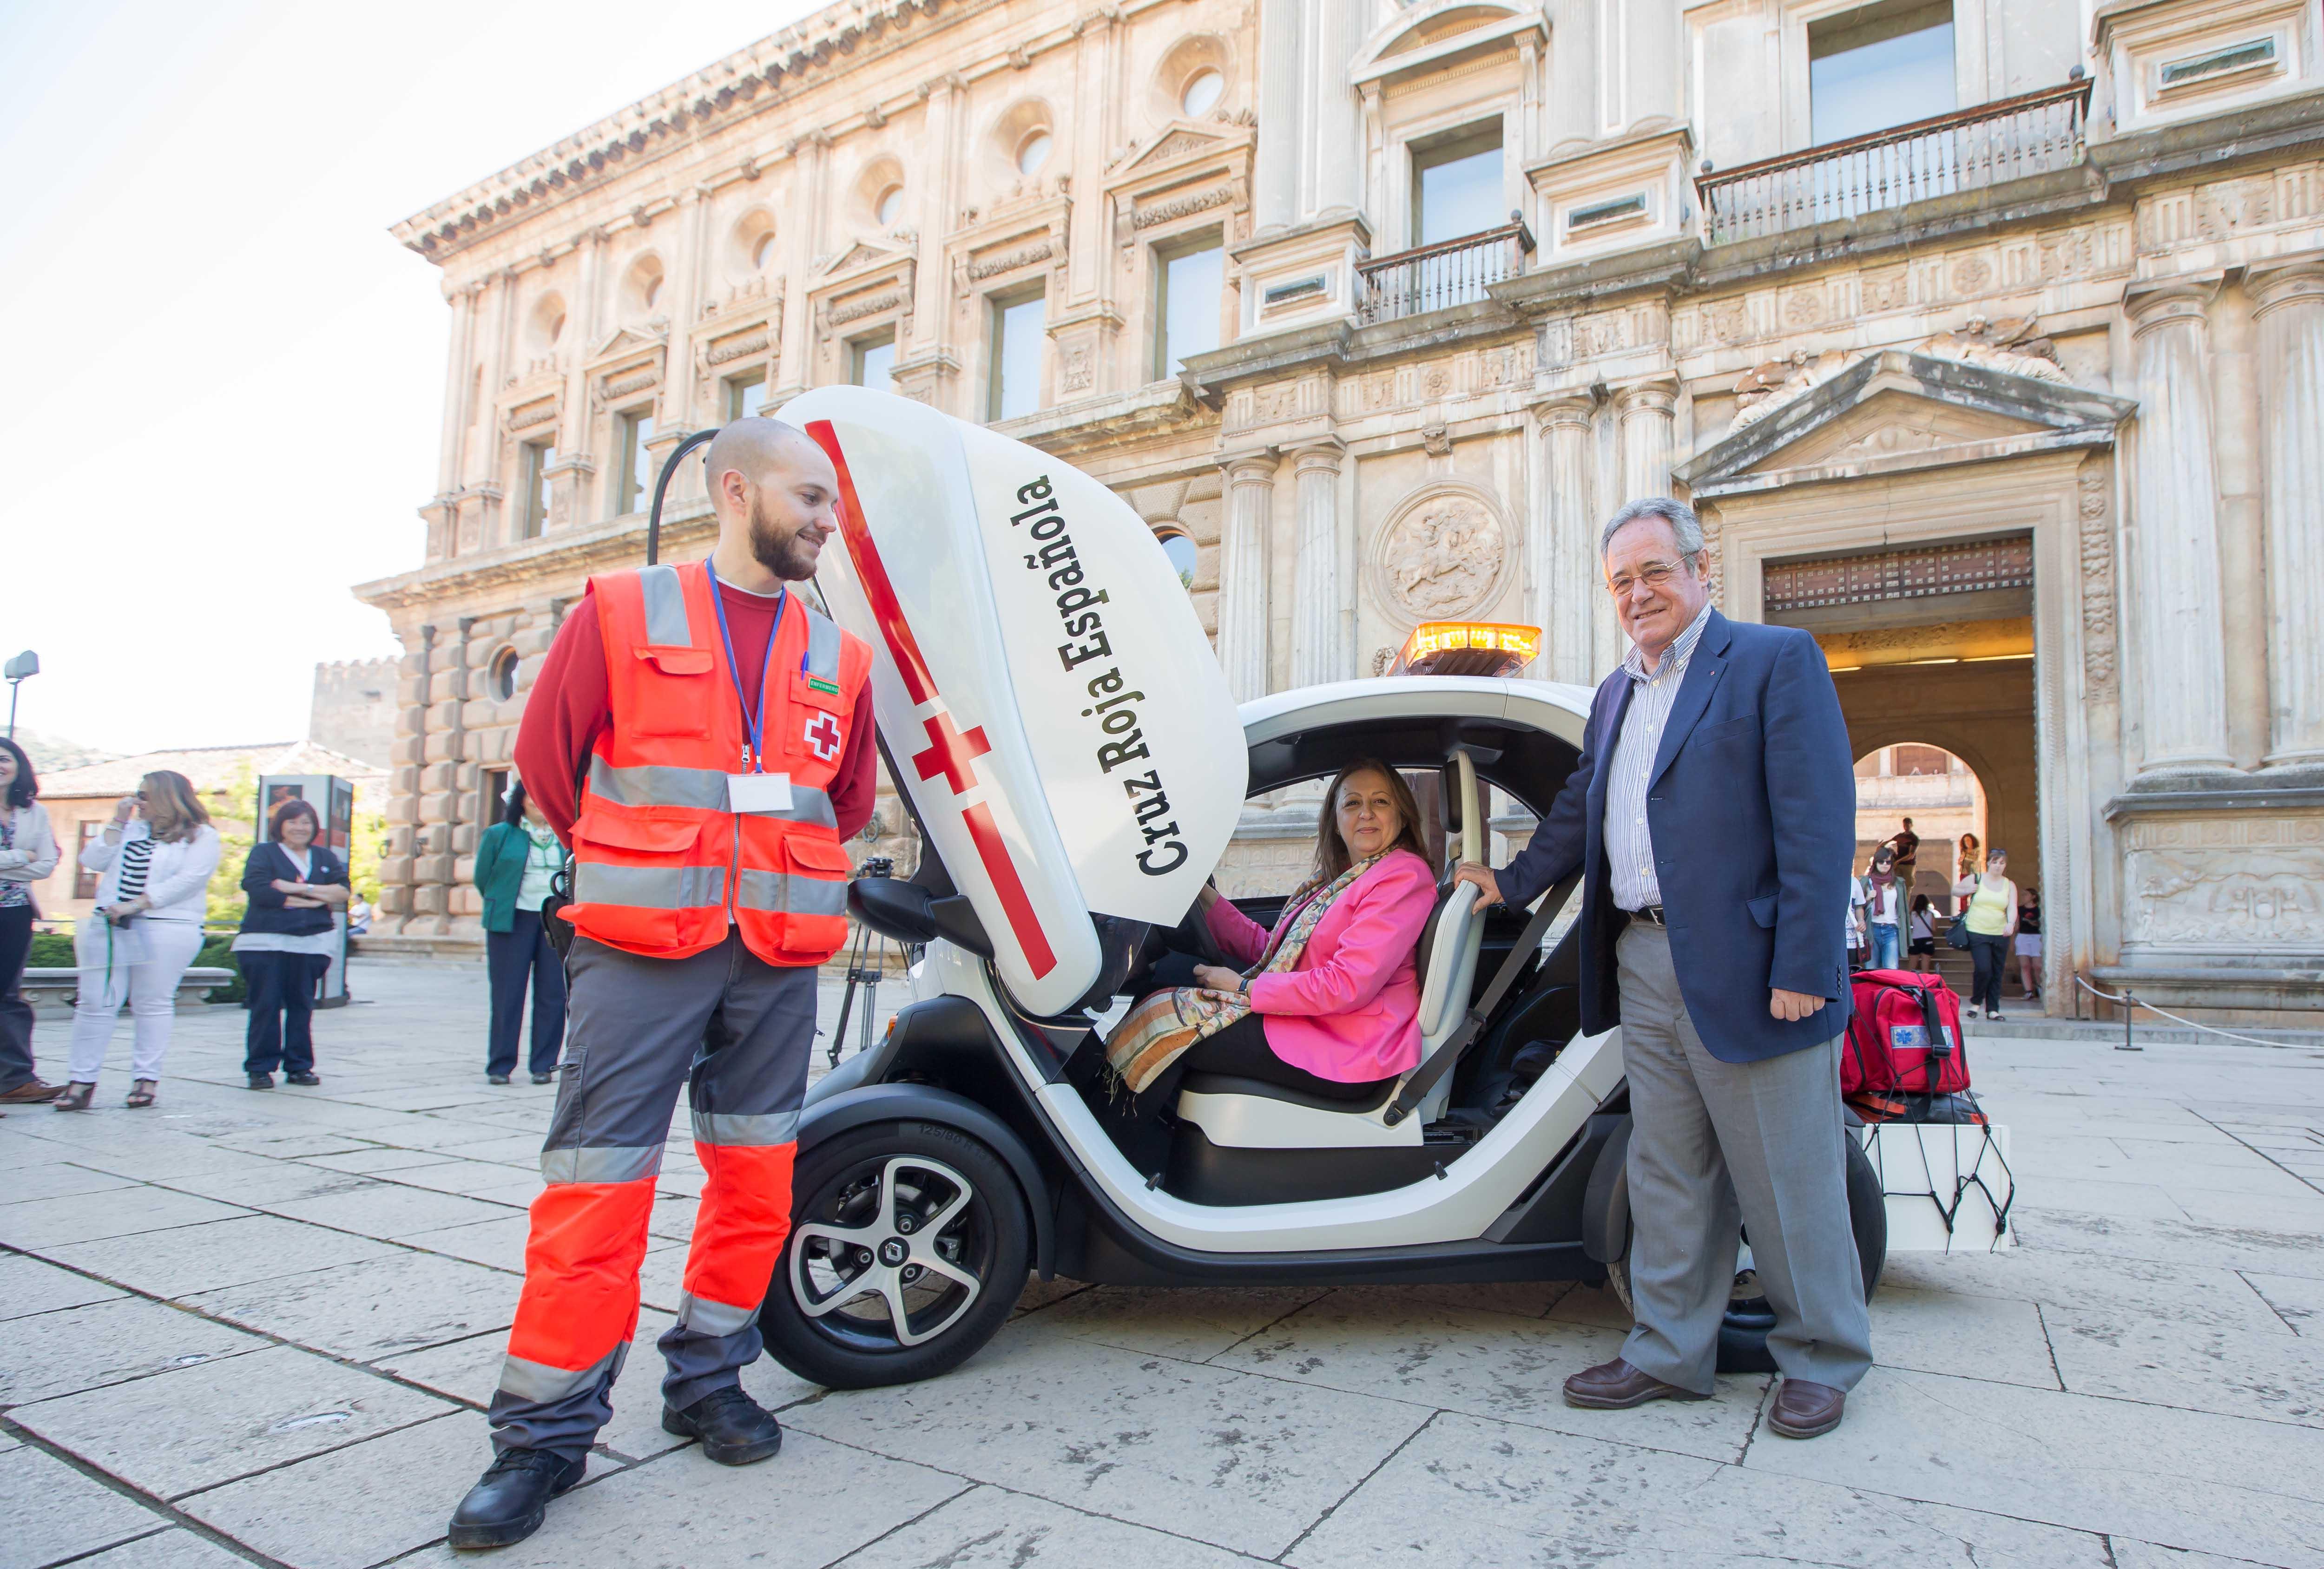 La Alhambra y Cruz Roja Española, más comprometidas en la protección y prestación sanitaria de los visitantes y trabajadores del Monumento